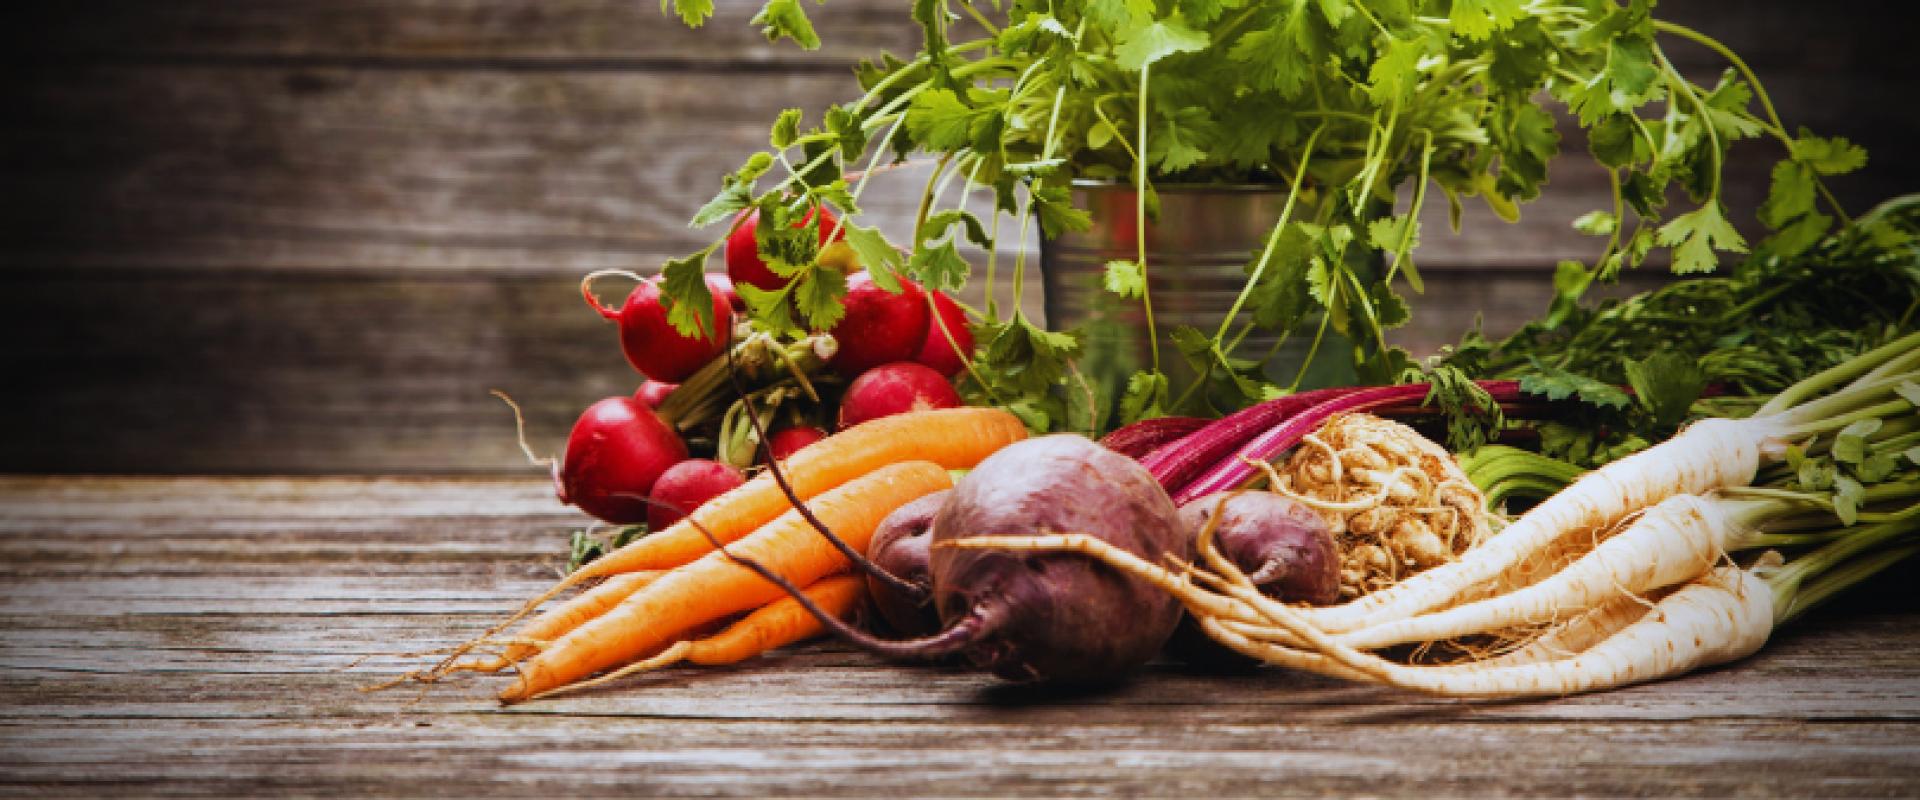 Saiba quais são os mitos e verdades sobre alimentos orgânicos.